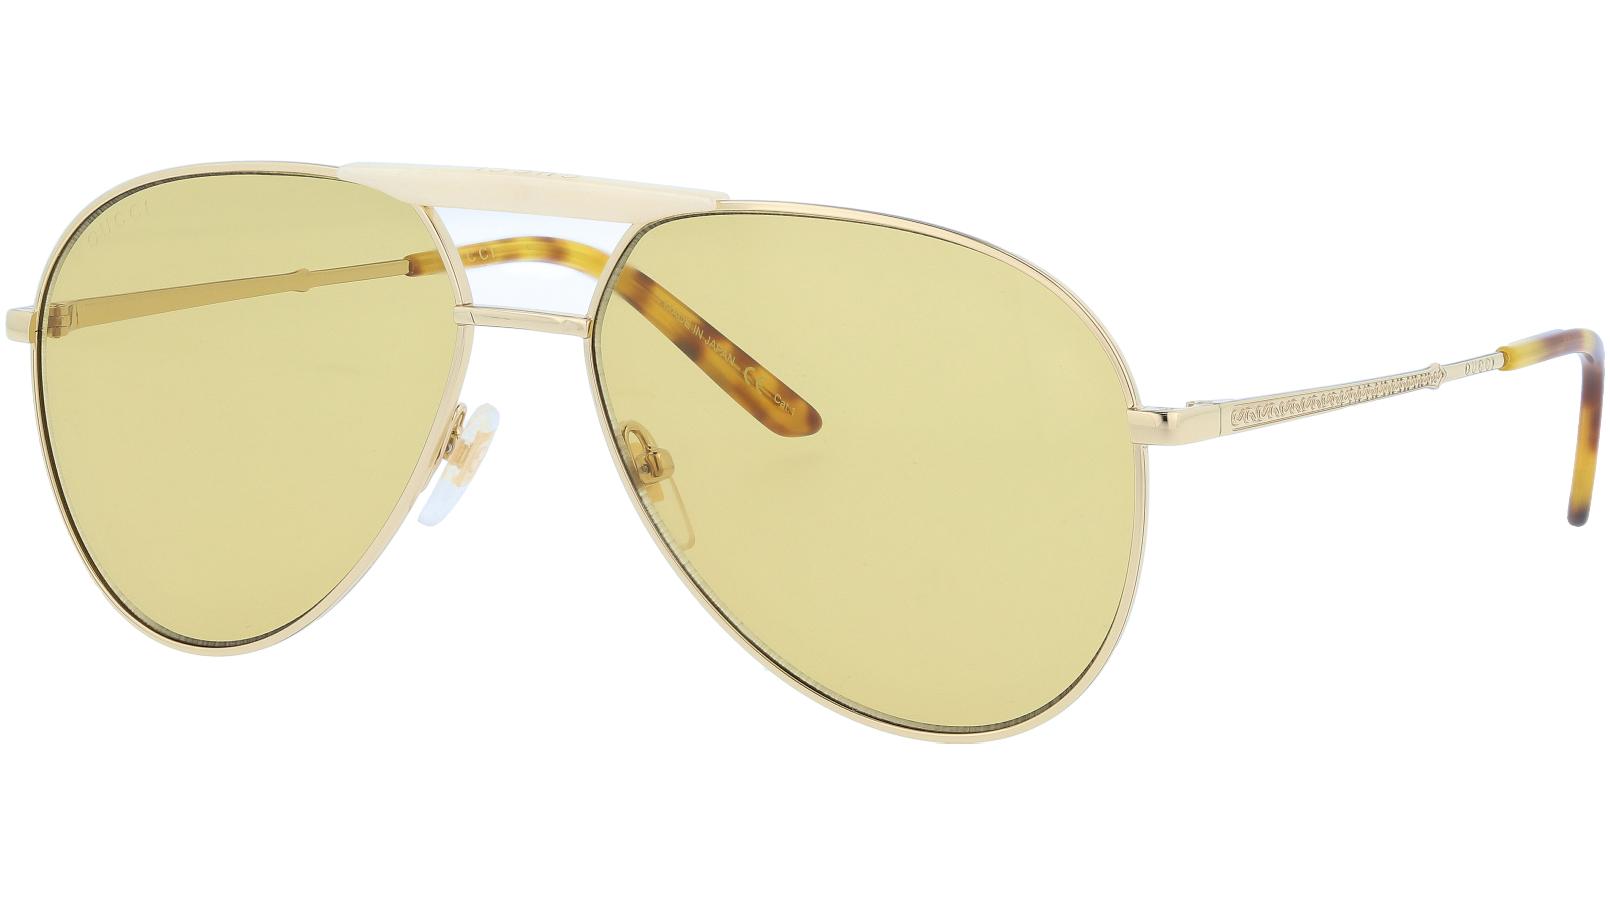 GUCCI GG0242S 004 59 GOLD Sunglasses